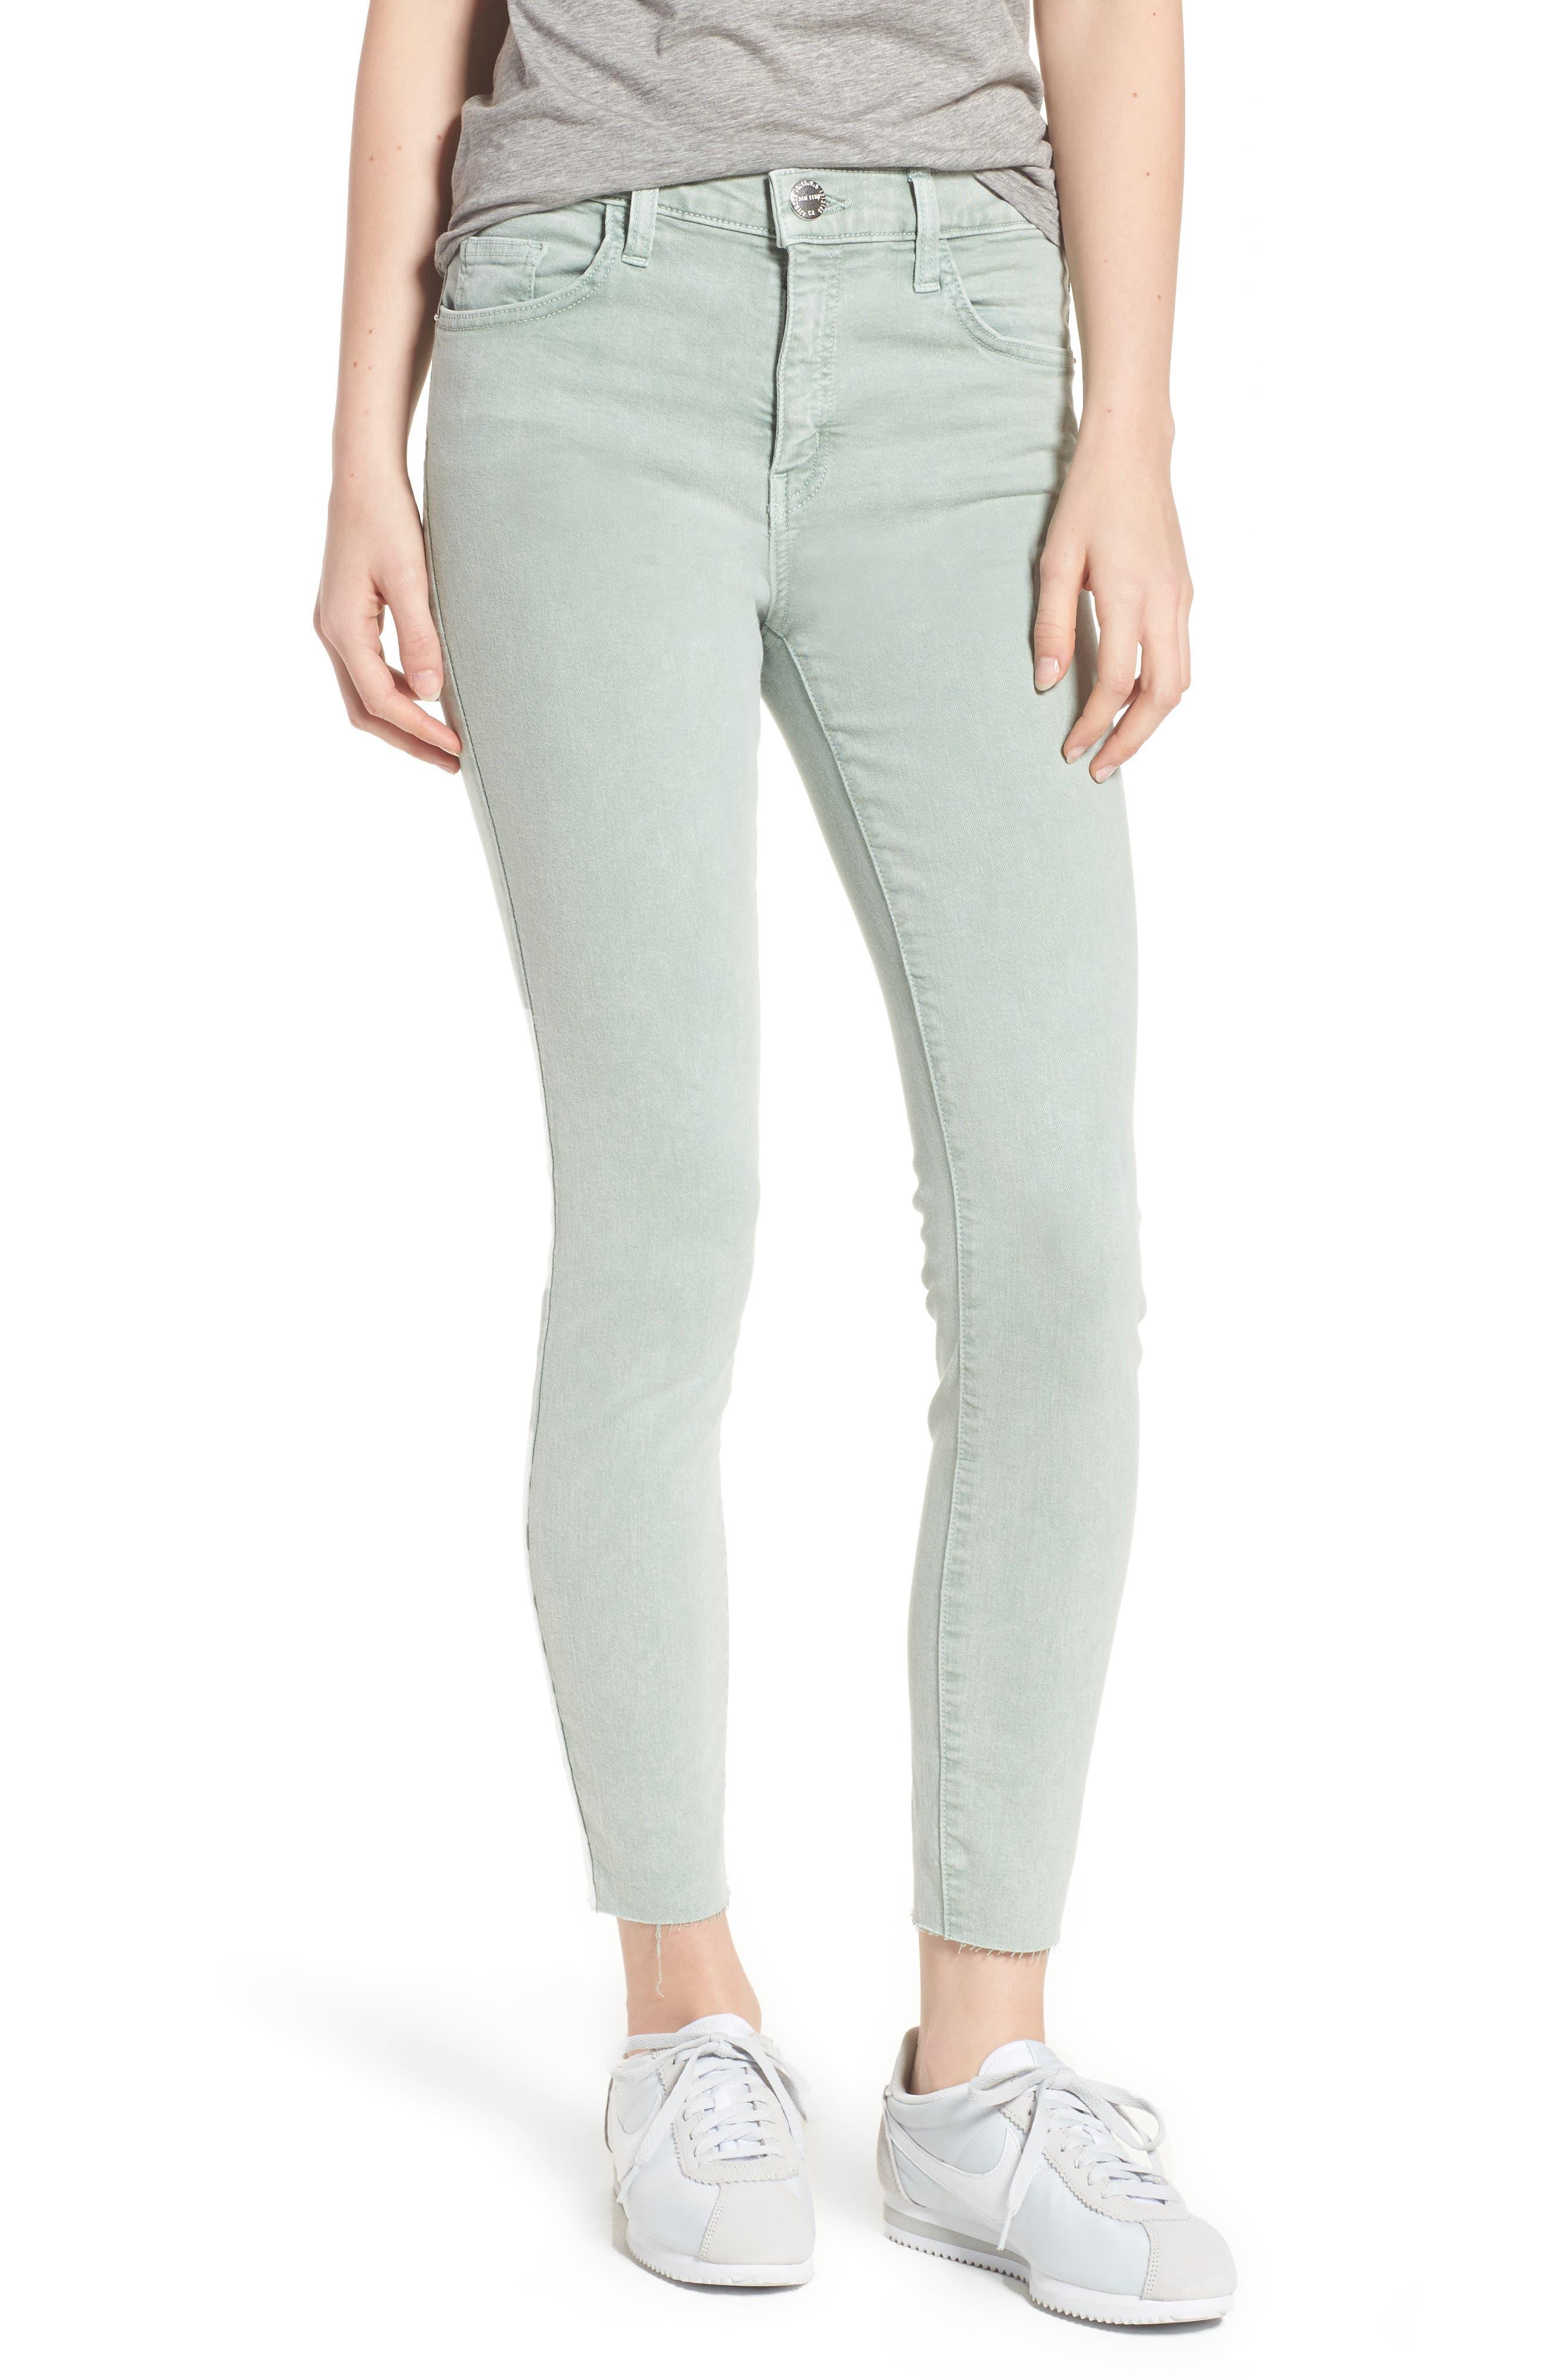 Current/Elliott The High Waist Ankle Skinny Jeans (Iceberg Green)